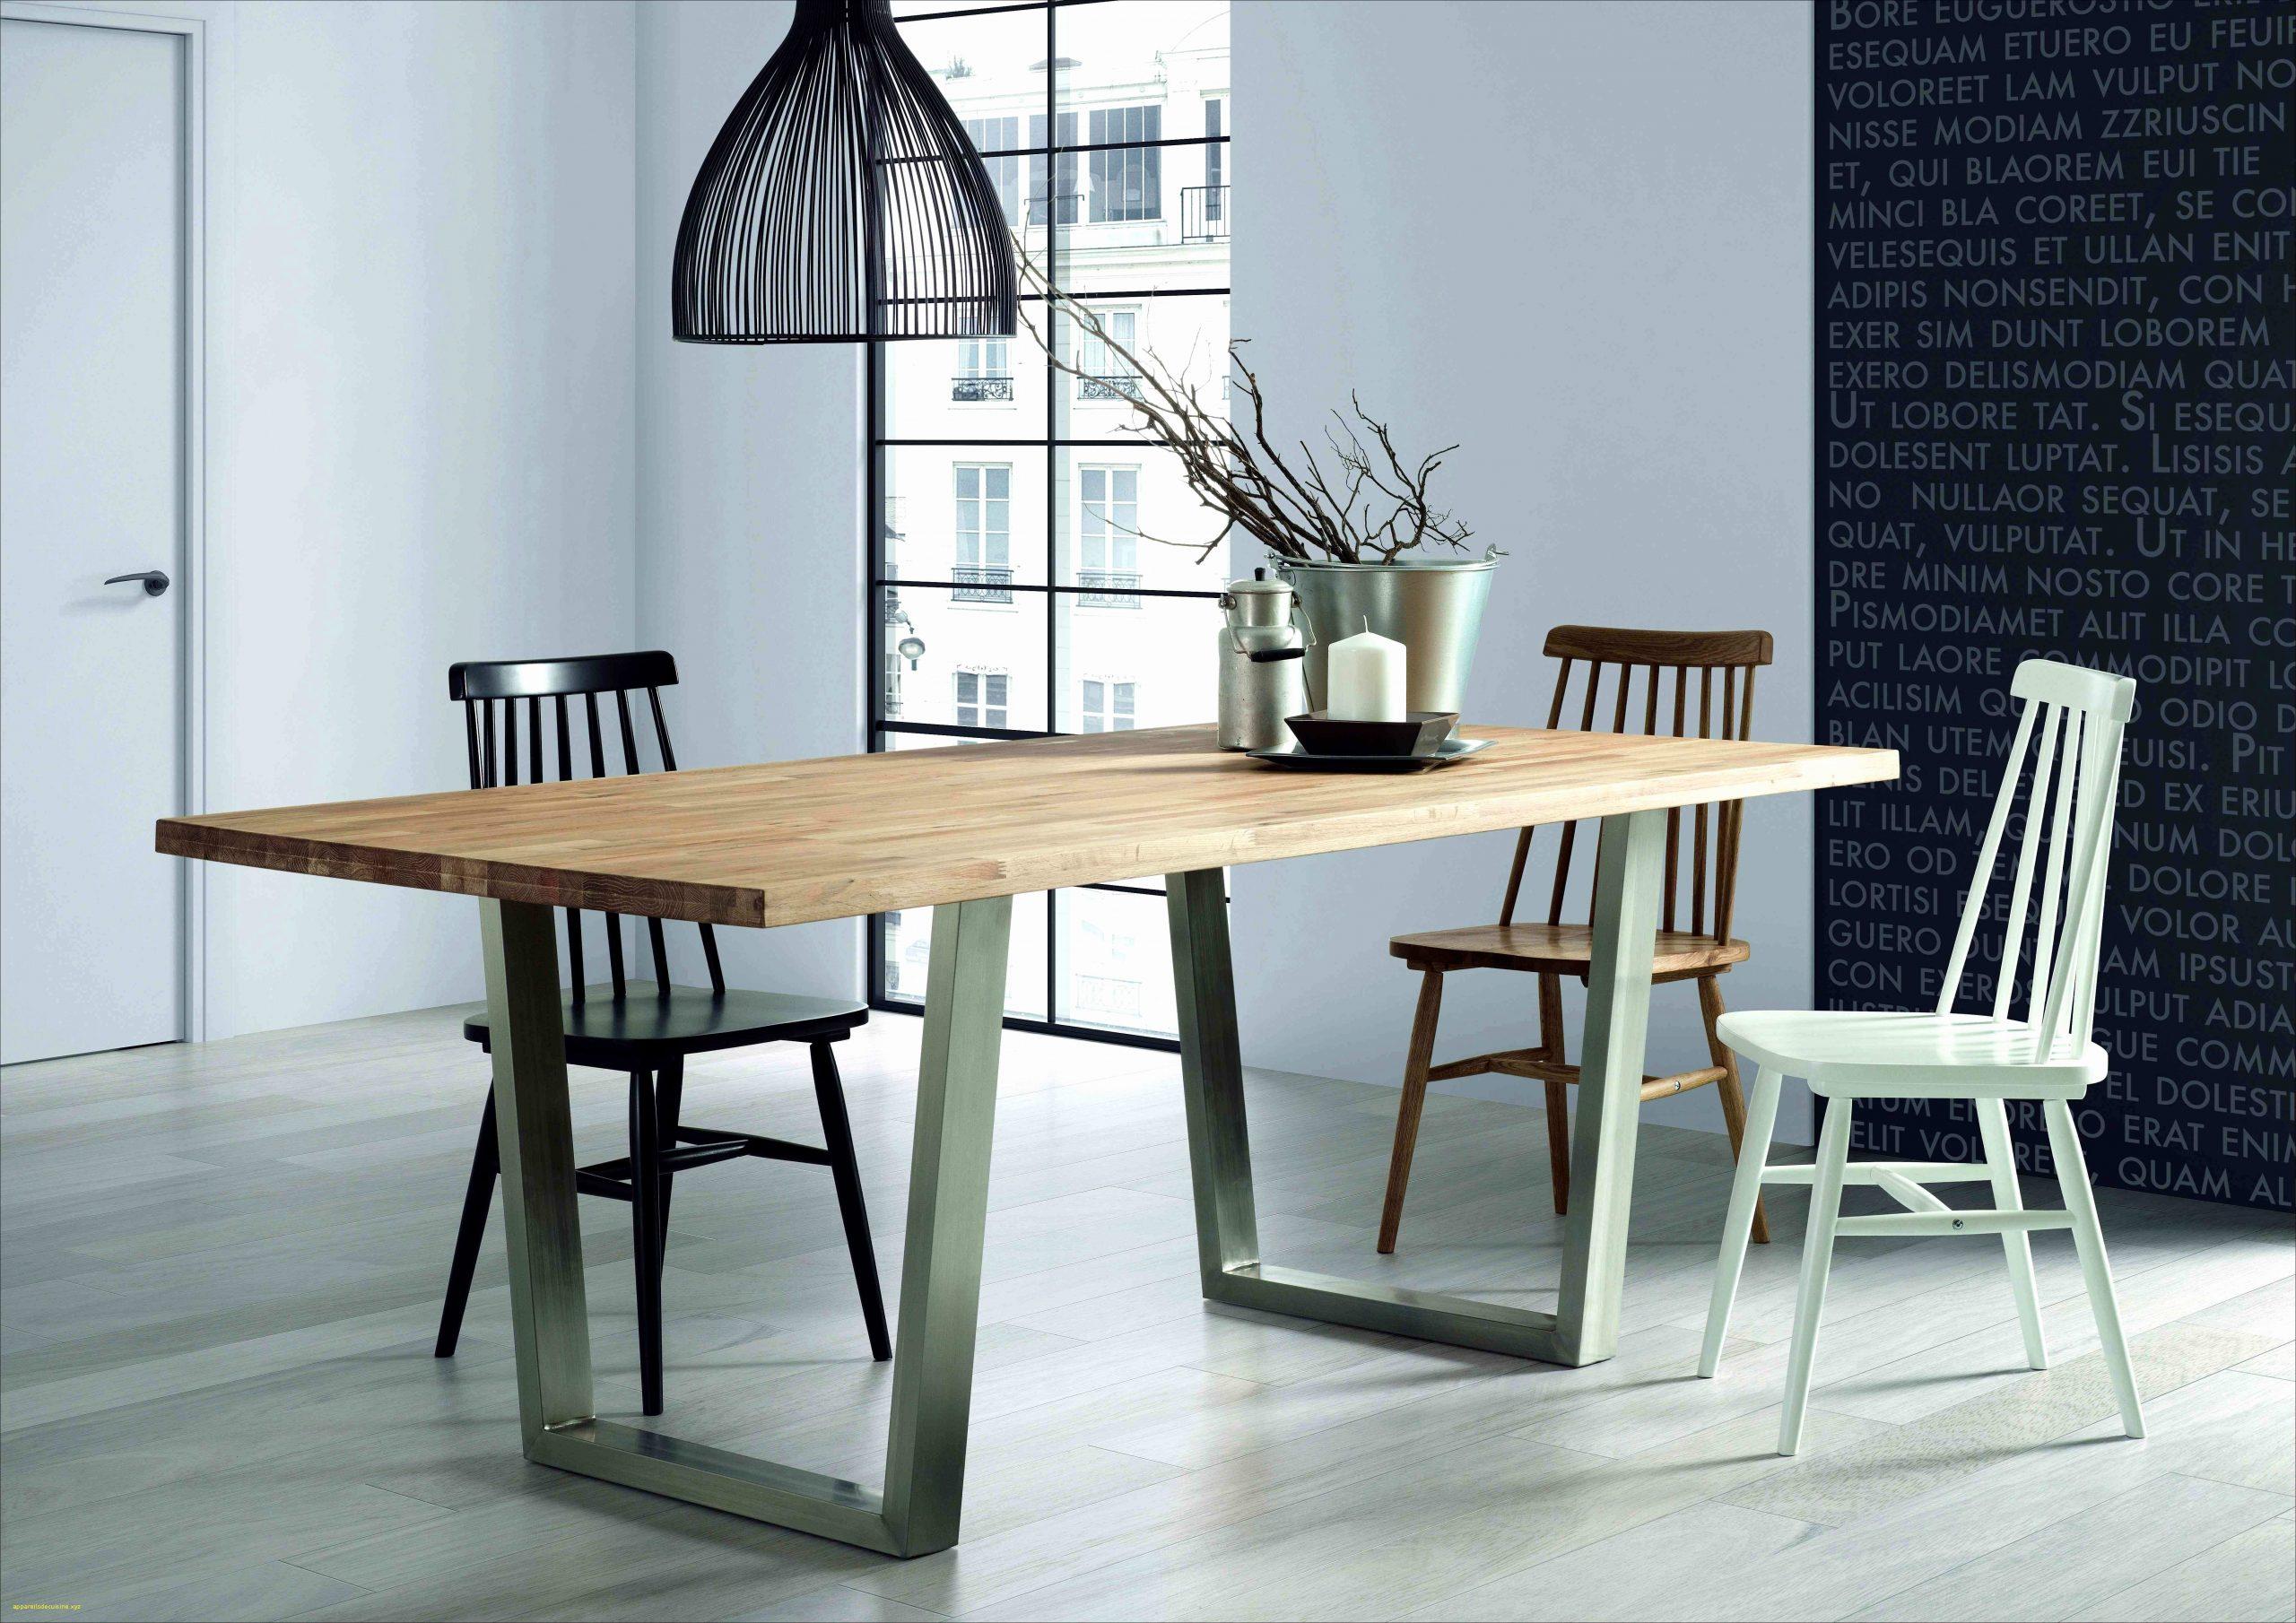 Full Size of Kche Selbst Bauen Modulkche Ikea Aufbewahrungsbehlter Ebay Inselküche Küche Kosten Sofa Mit Schlaffunktion Miniküche Betten Bei Abverkauf Kaufen 160x200 Wohnzimmer Inselküche Ikea